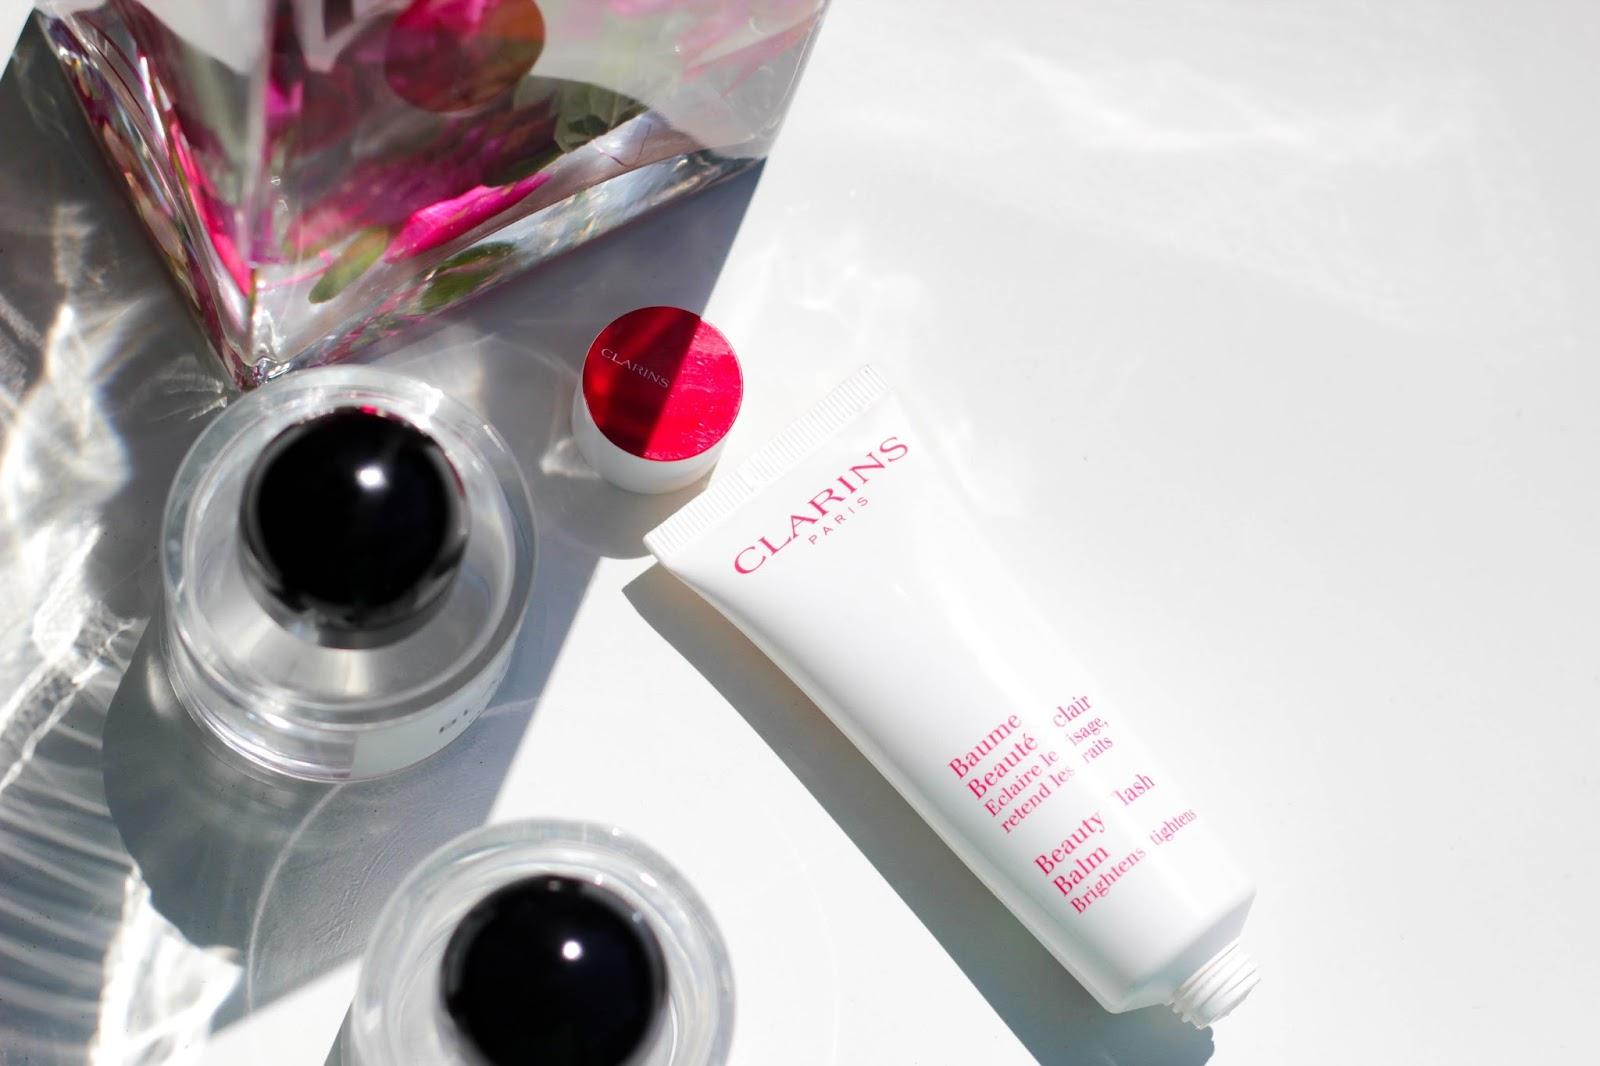 Produkt-Review zum legendären Schönheitsbalsam Beauty Flash Balm / Baume Beauté Eclair von Clarins